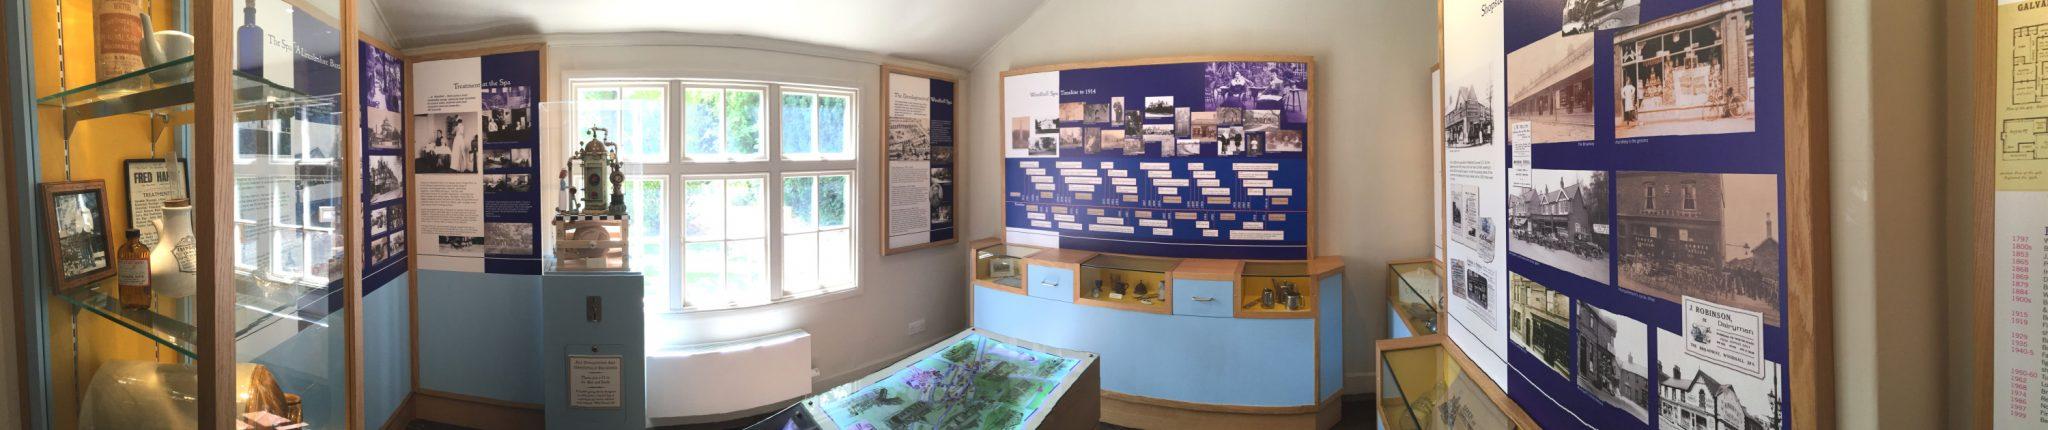 panorama-explore-museum-timeline